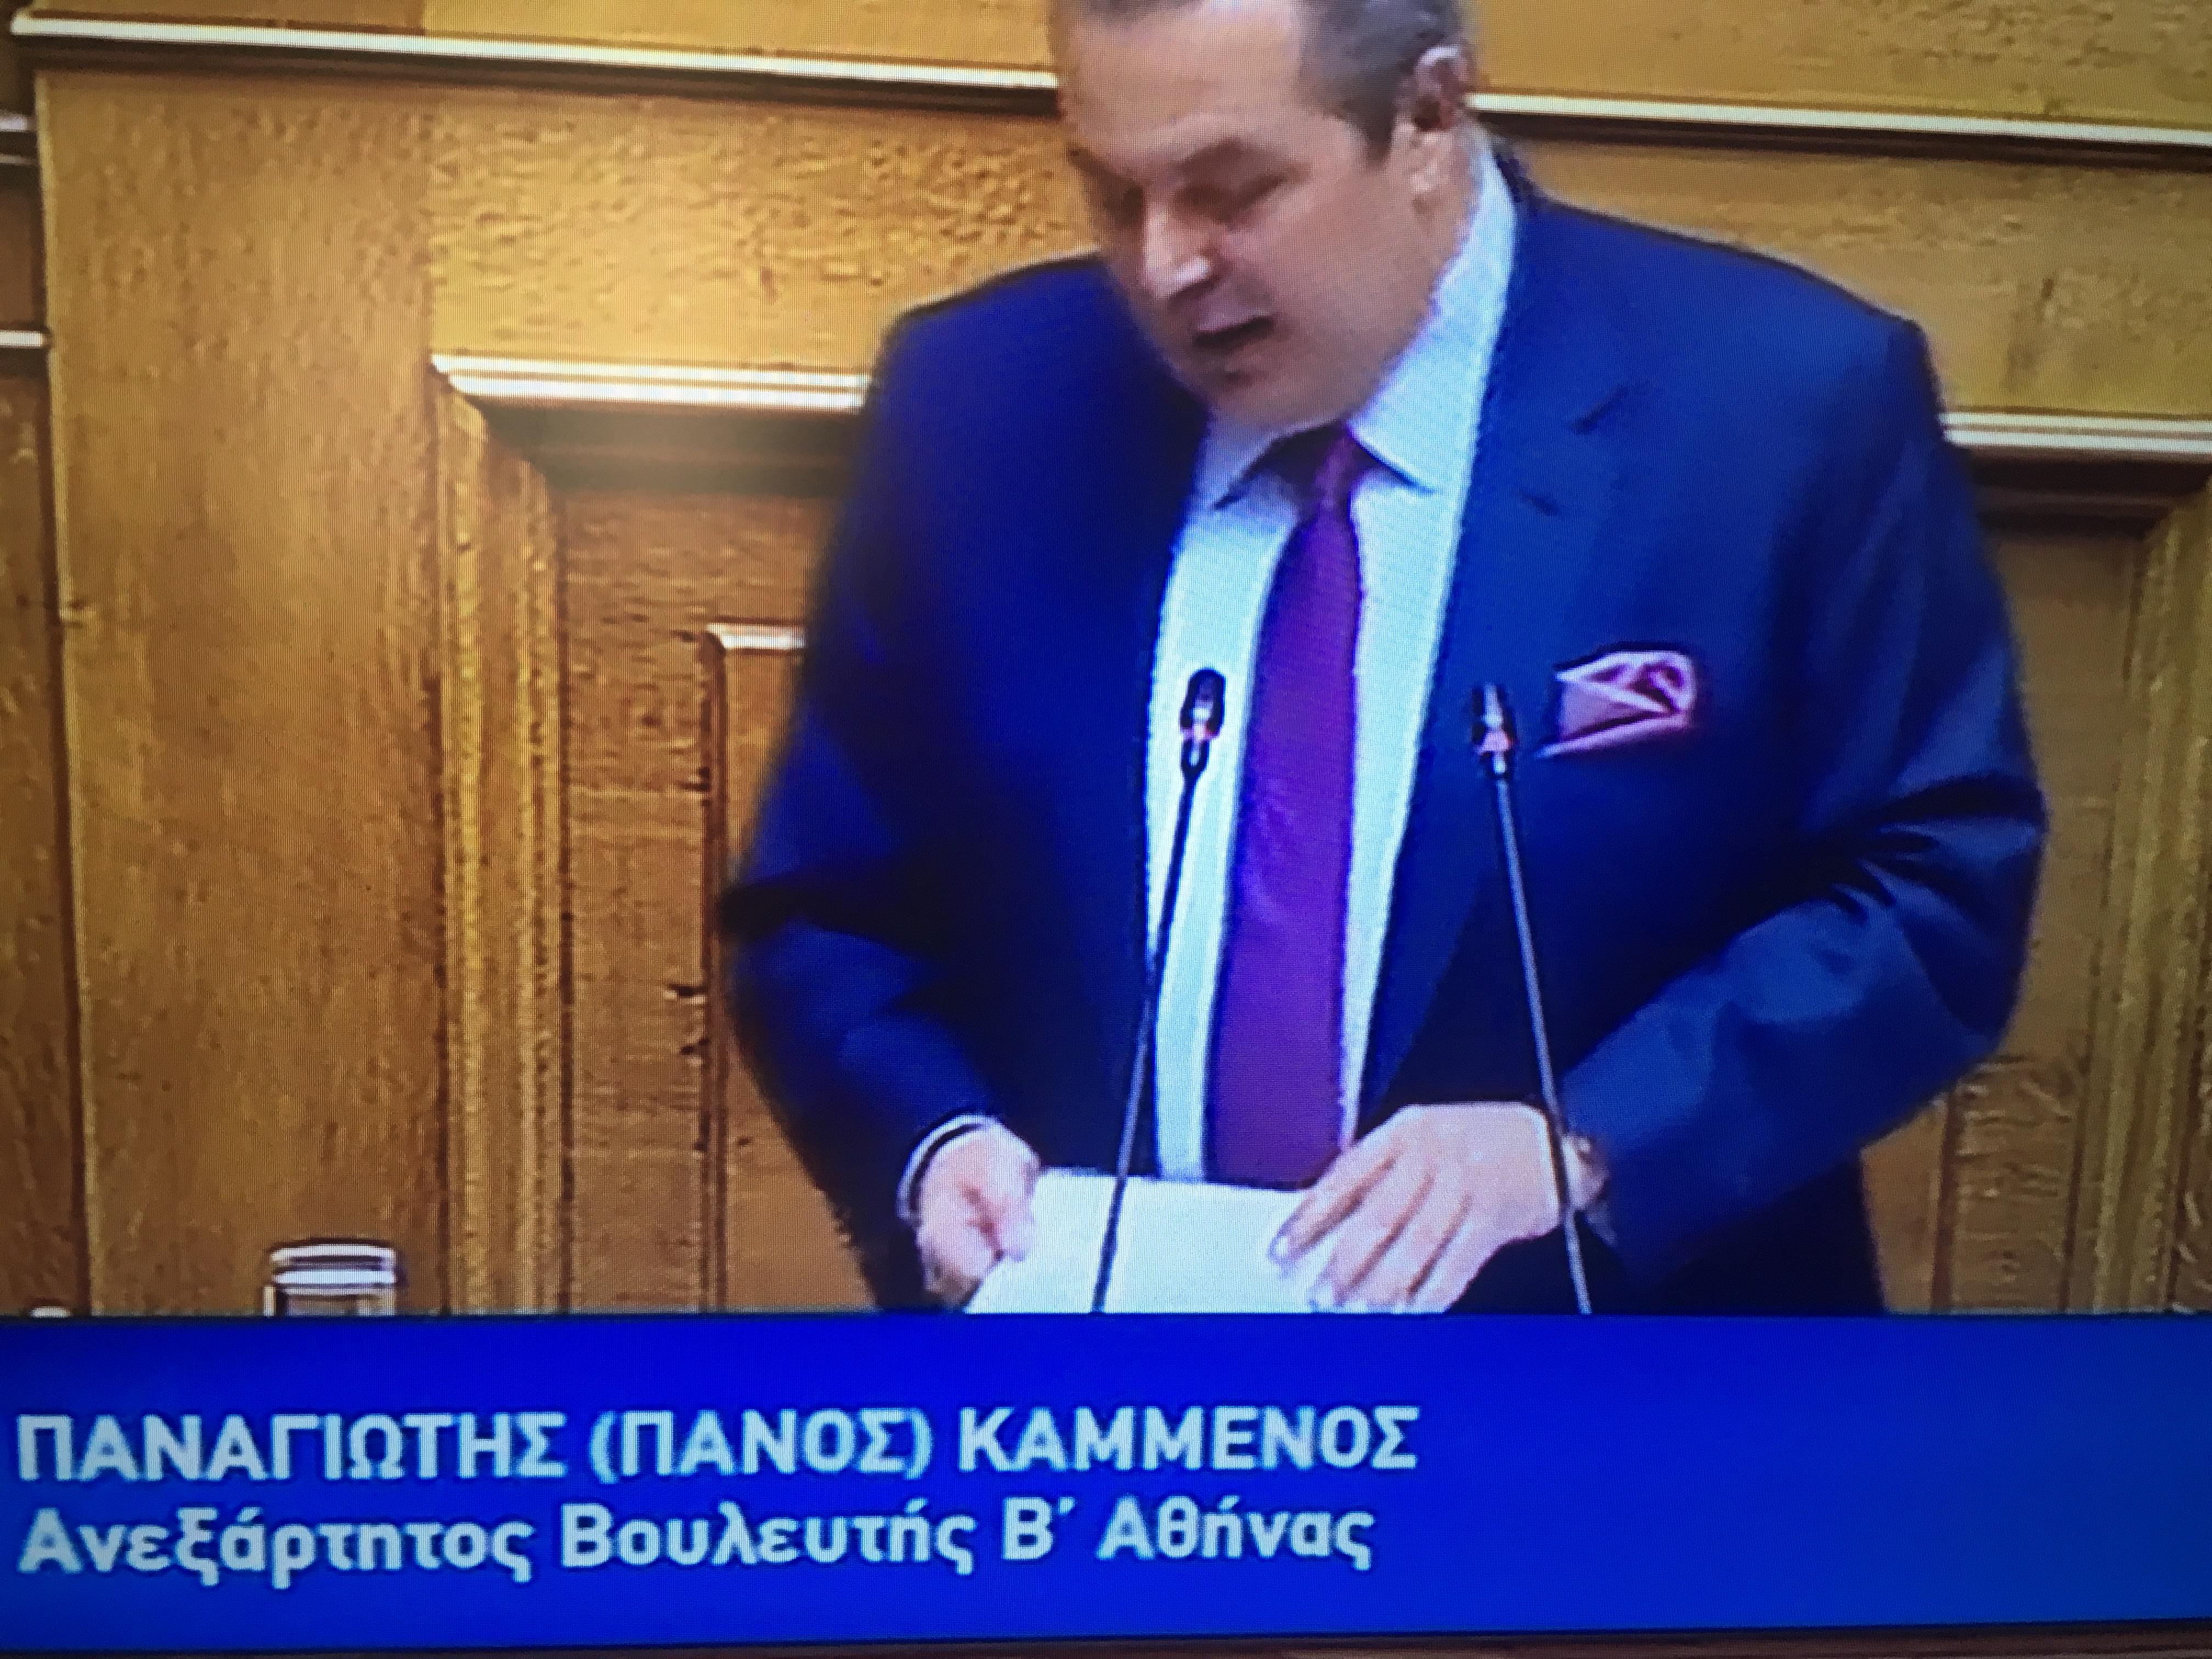 Συγκλονιστικές αποκαλύψεις του Πάνου Καμμένου από το βήμα της βουλης για τον Νίκο Κοτζια. @panoskammenos